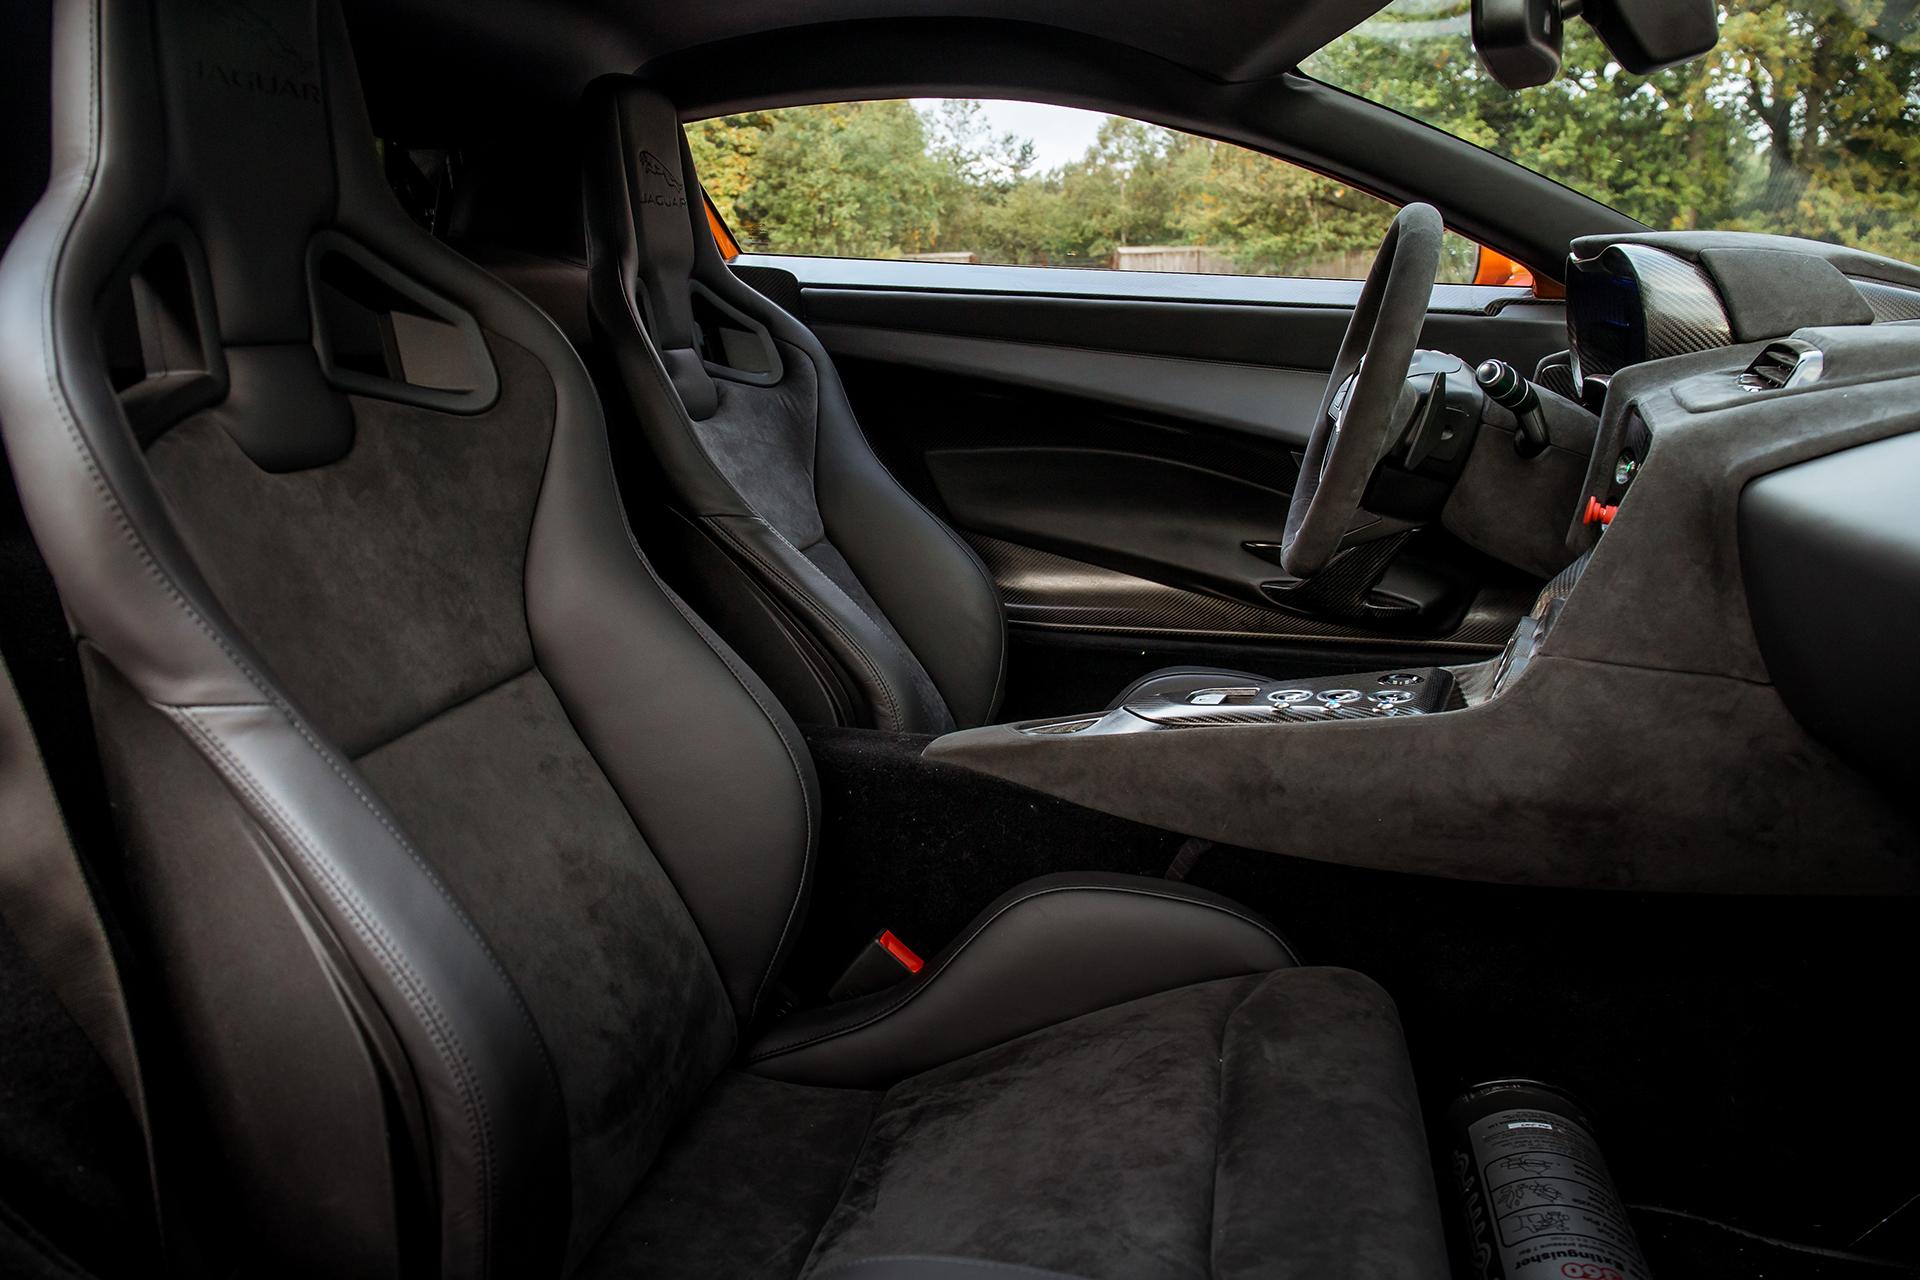 Jaguar C-X75 - Spectre - 2015 - intérieur sièges / seats interior